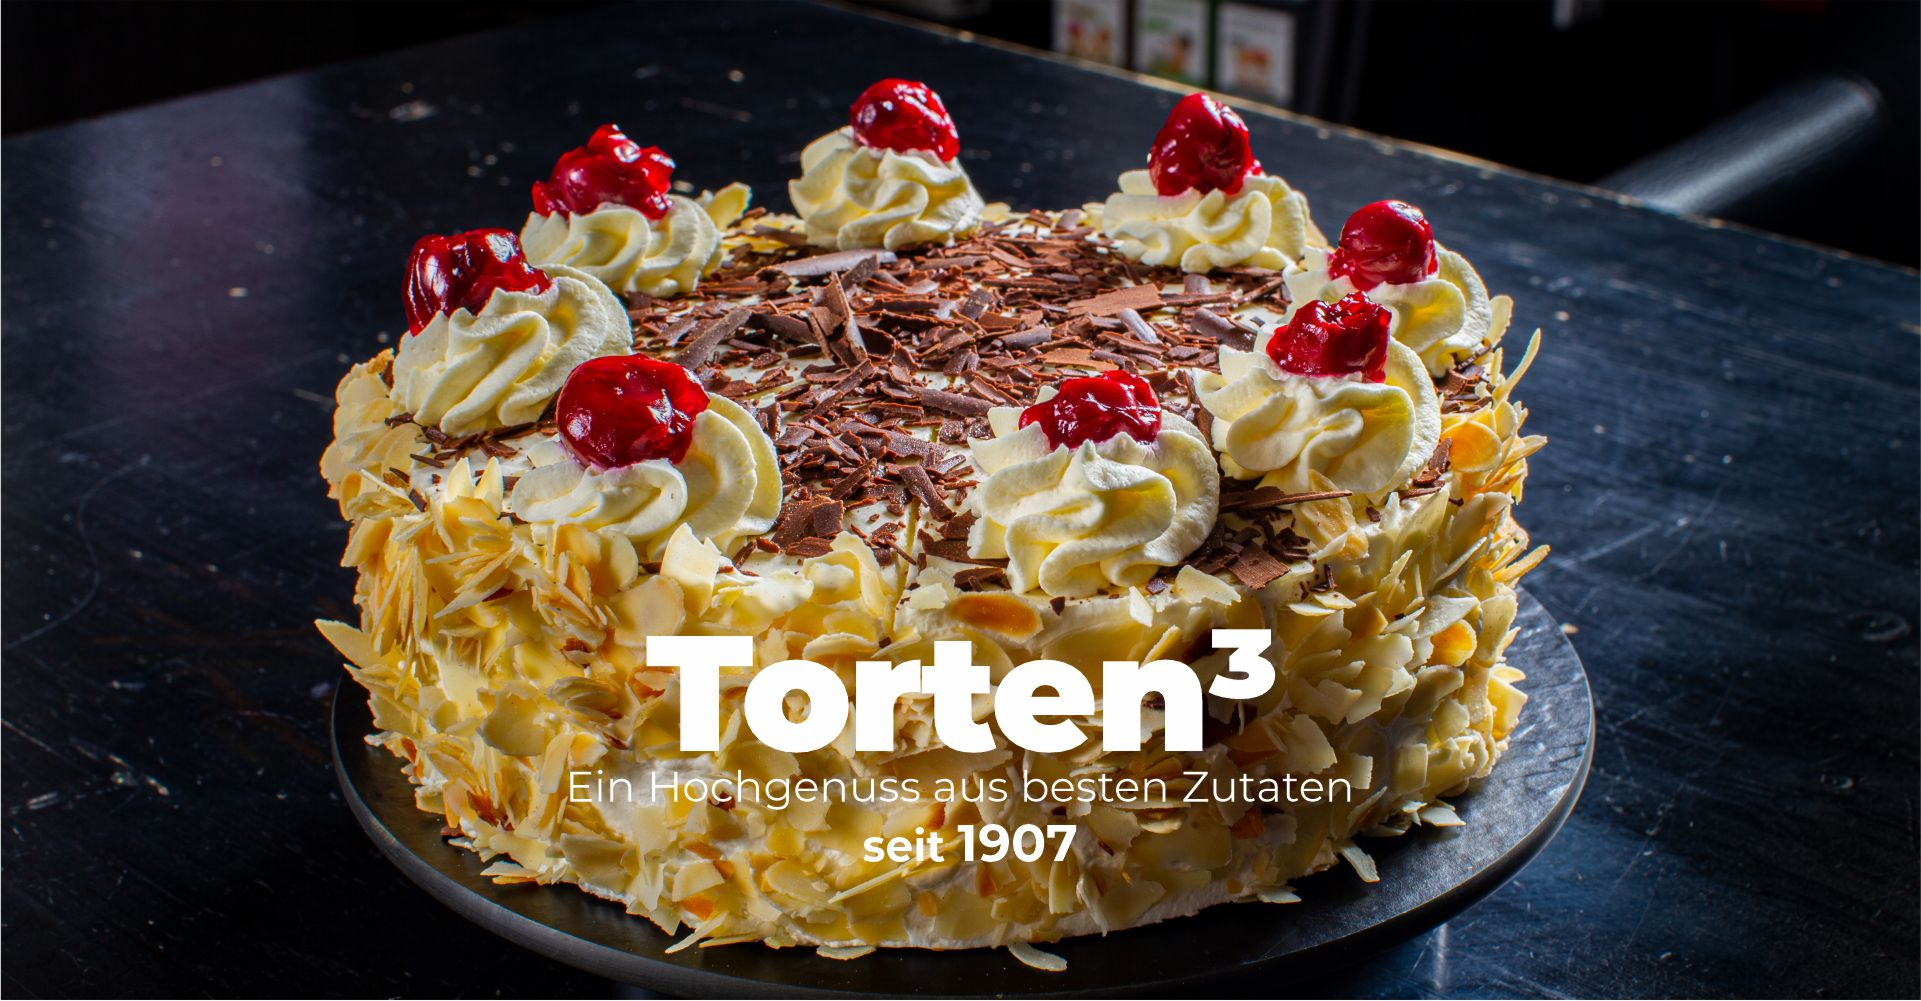 tismes_torten_002